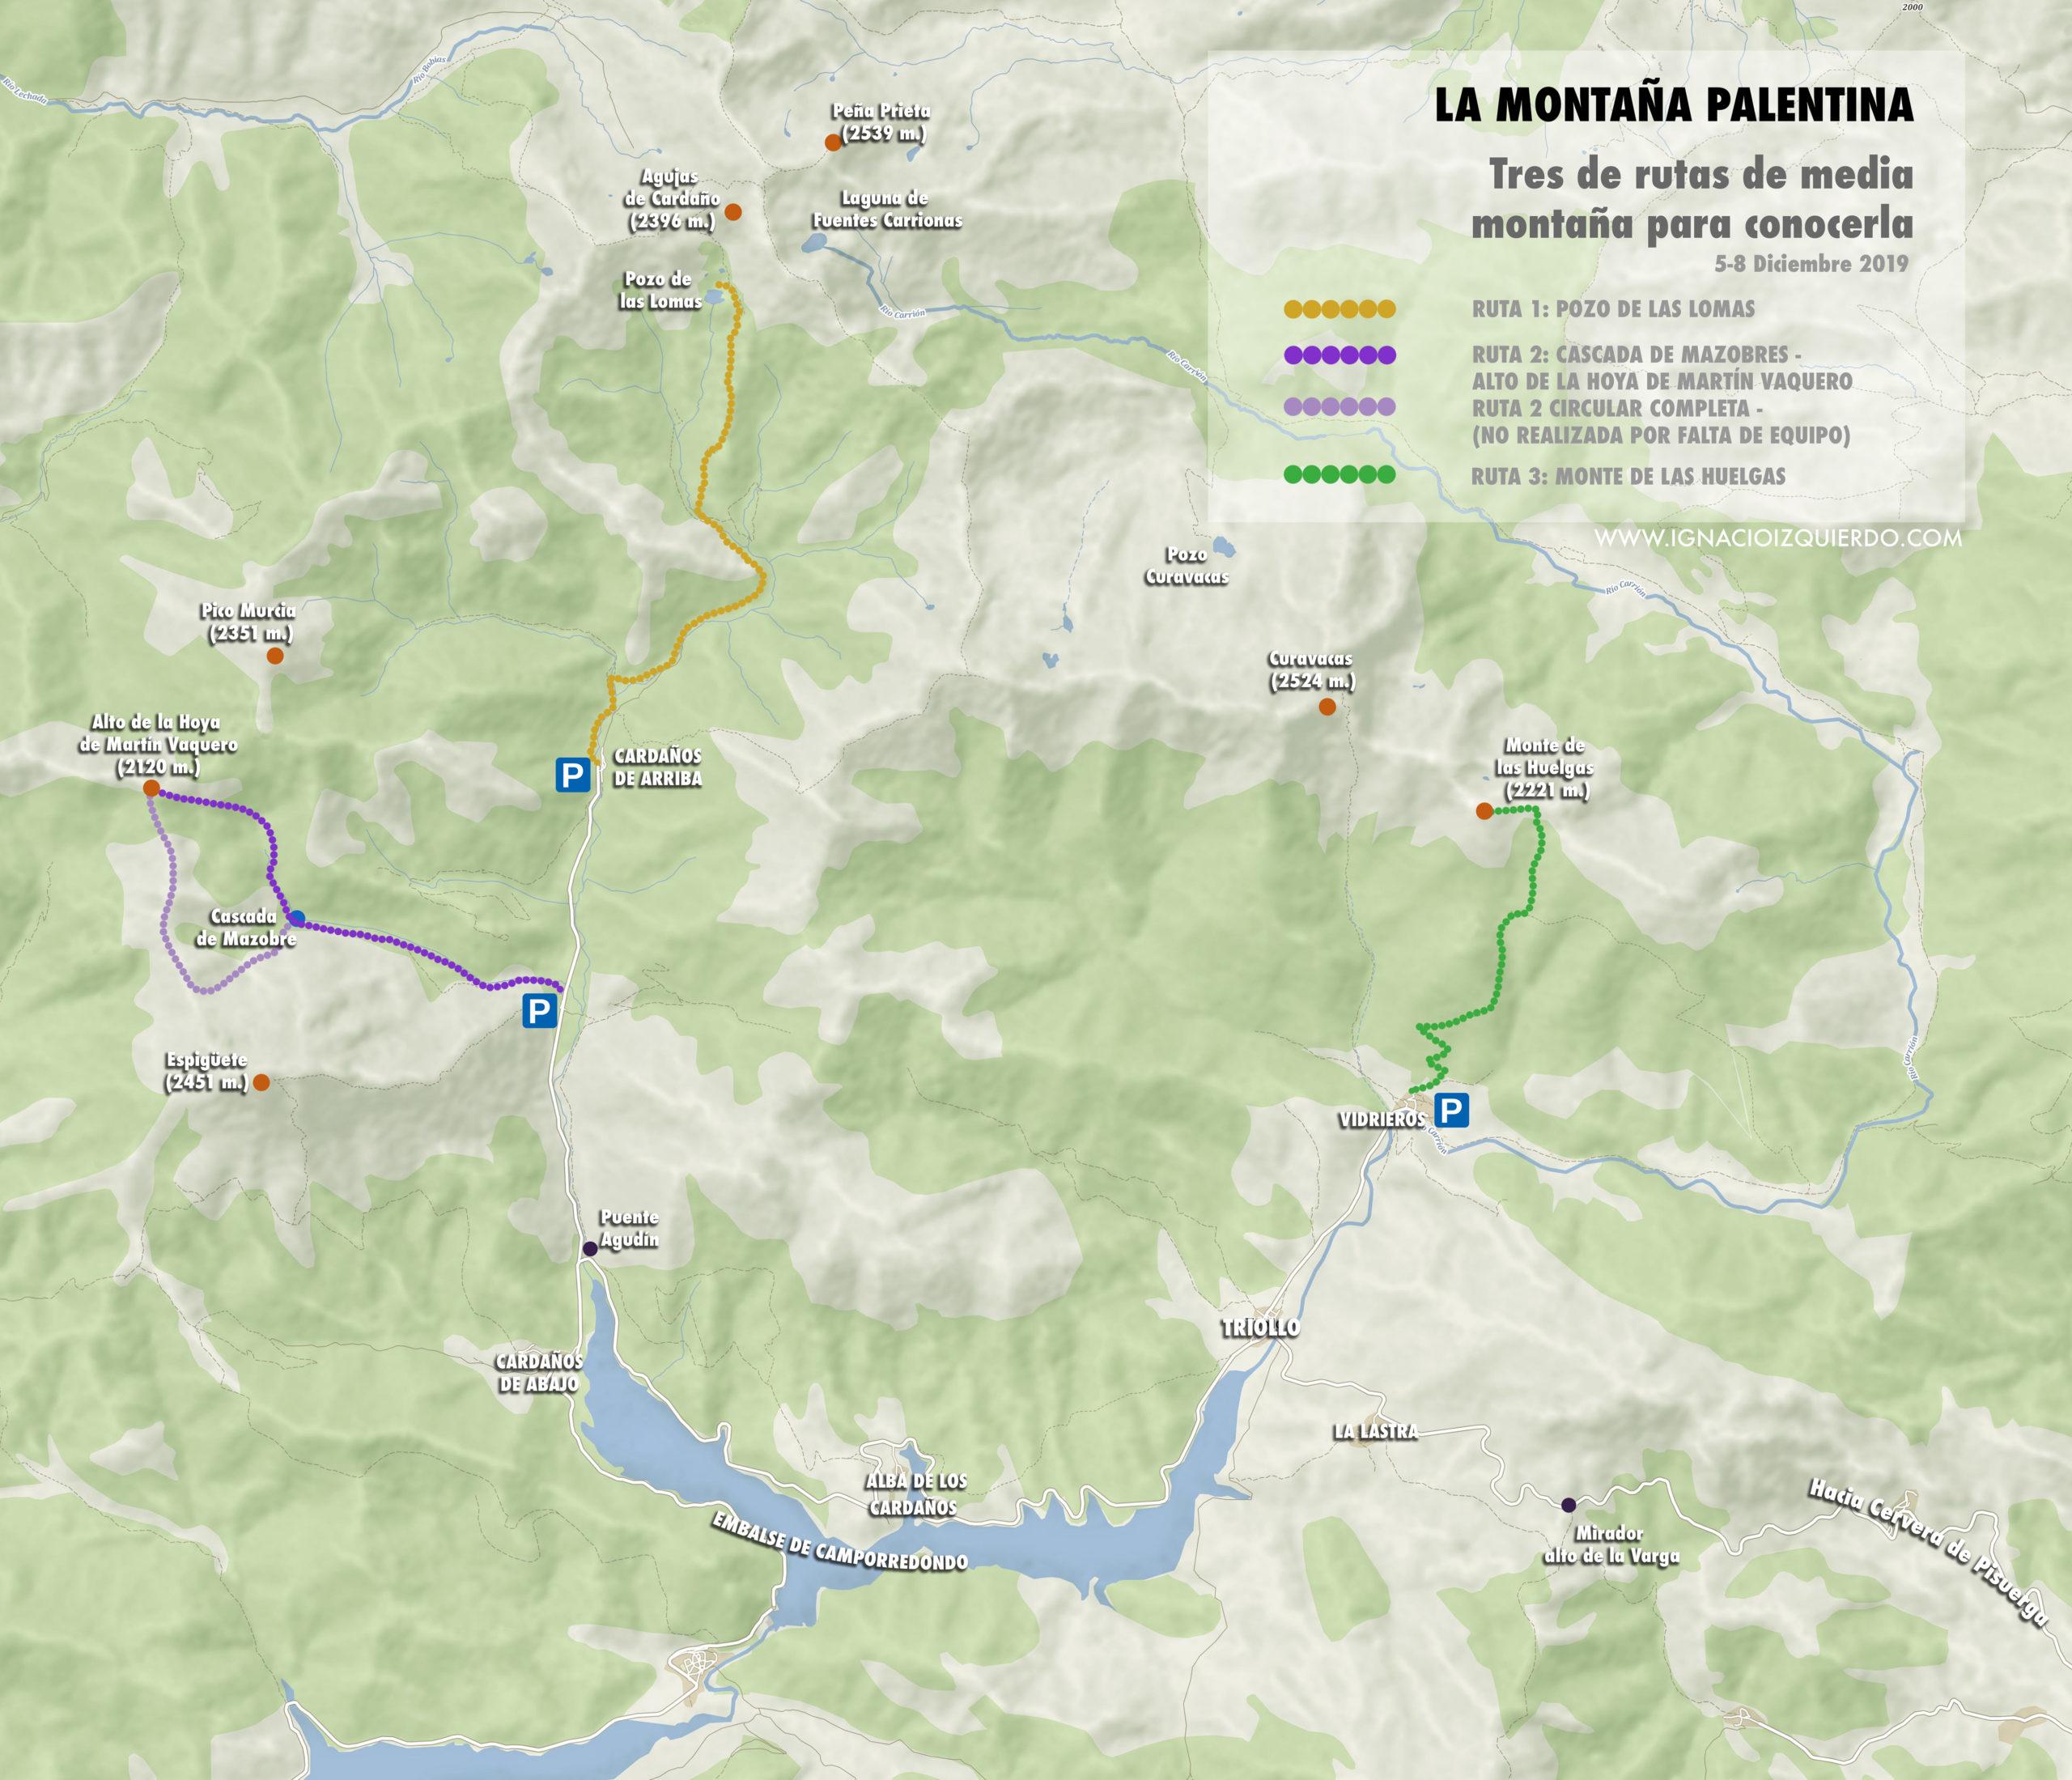 La Montaña Palentina Y 3 Rutas De Media Montaña Para Descubrirla Crónicas De Una Cámara